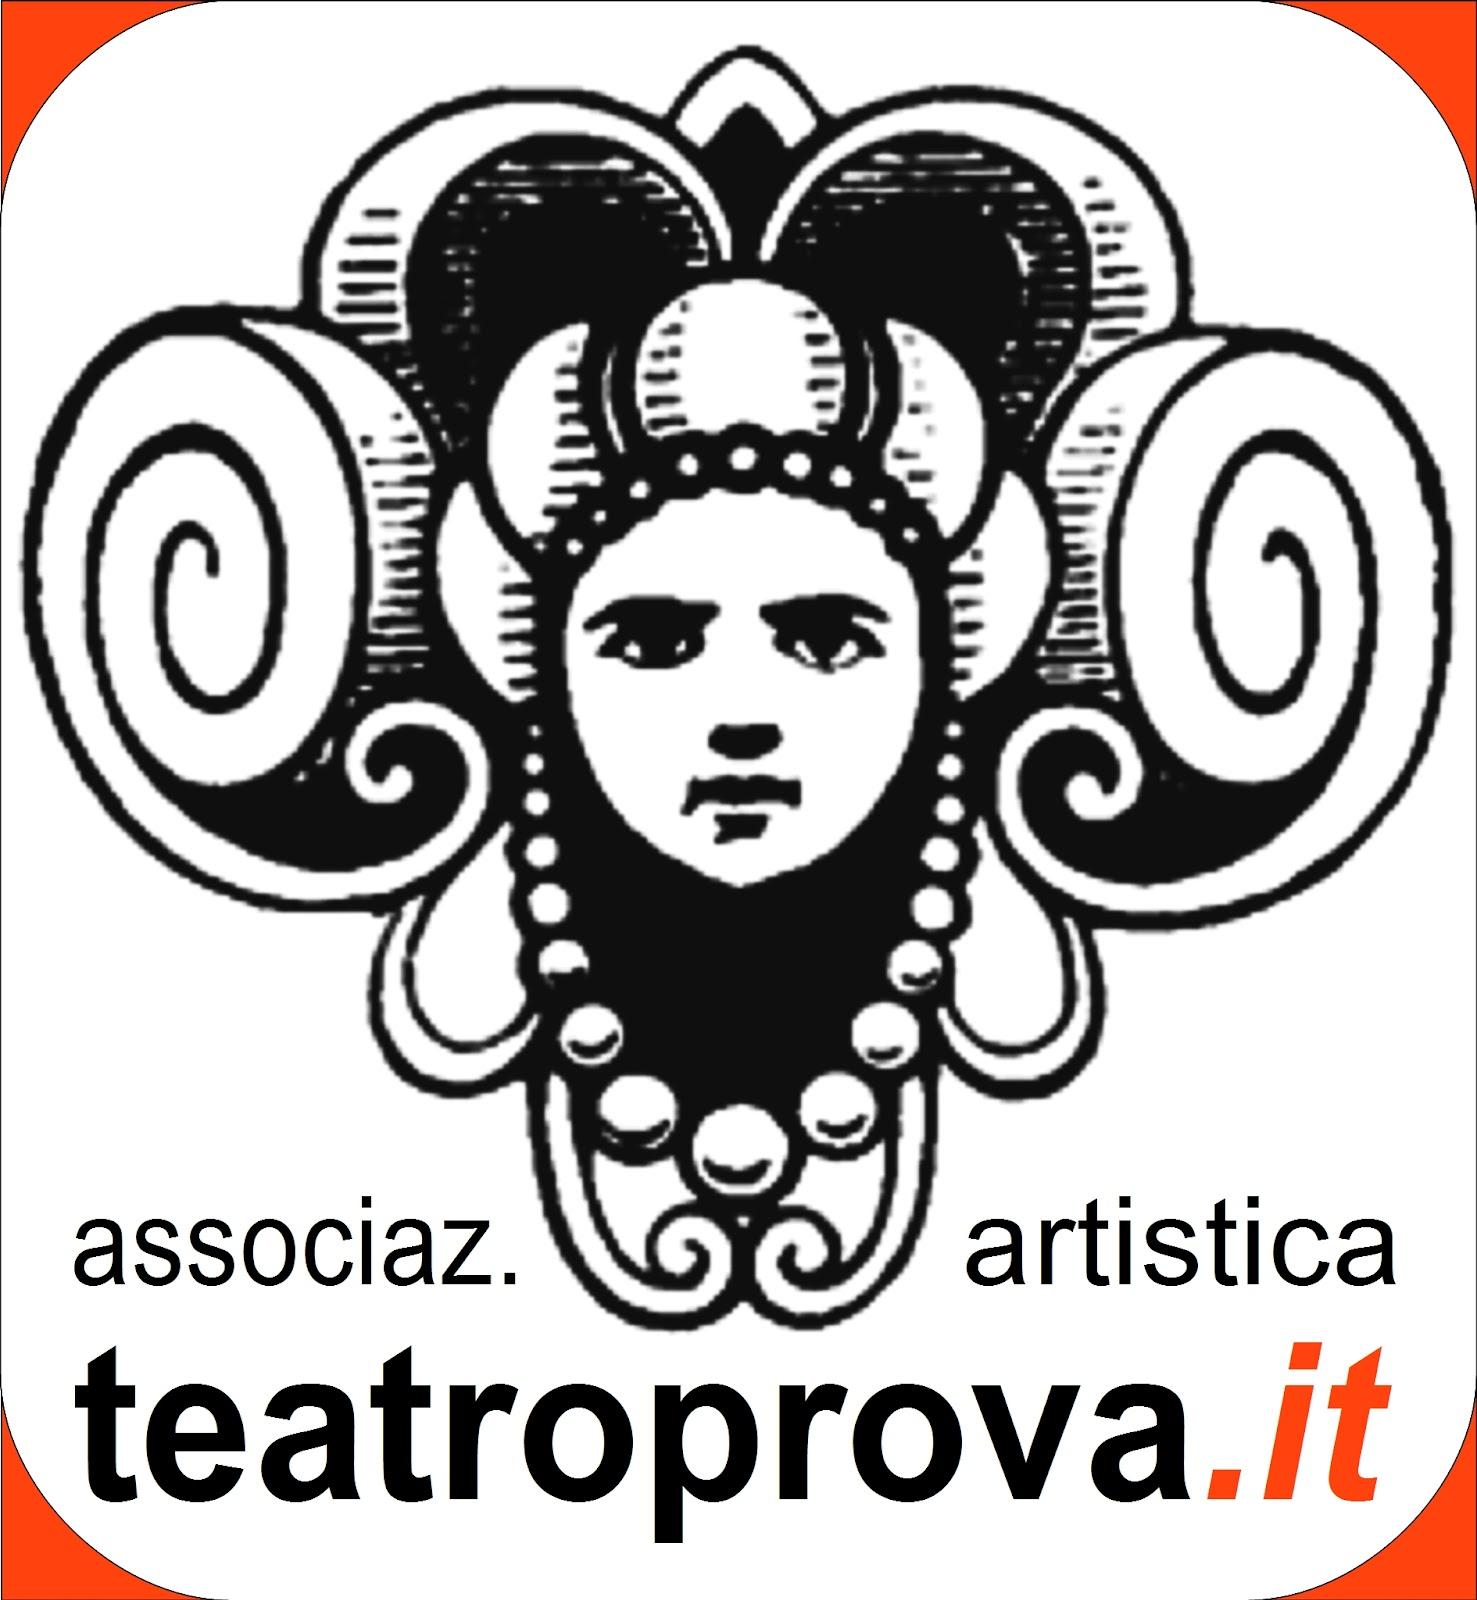 Logo teatroprova 2012_alta definizione.jpg